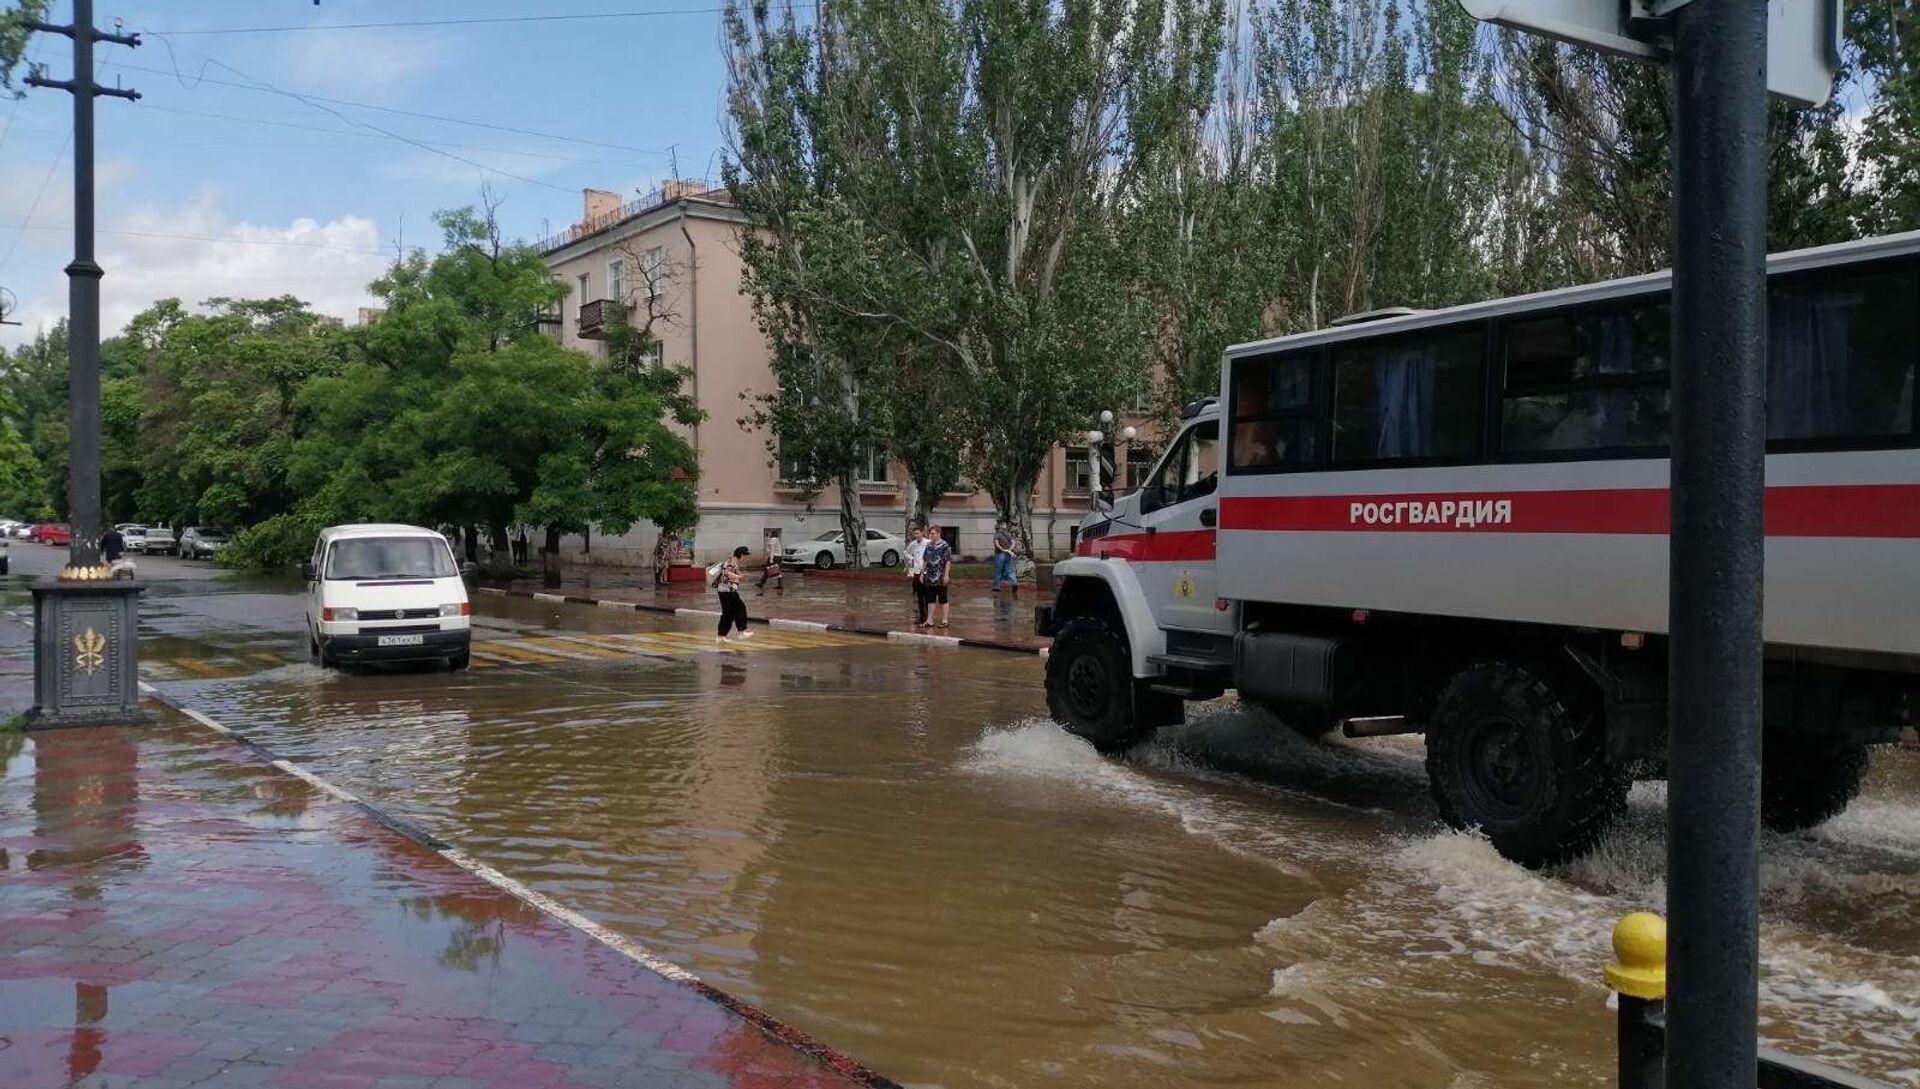 Затопленная Керчь - РИА Новости, 1920, 25.06.2021